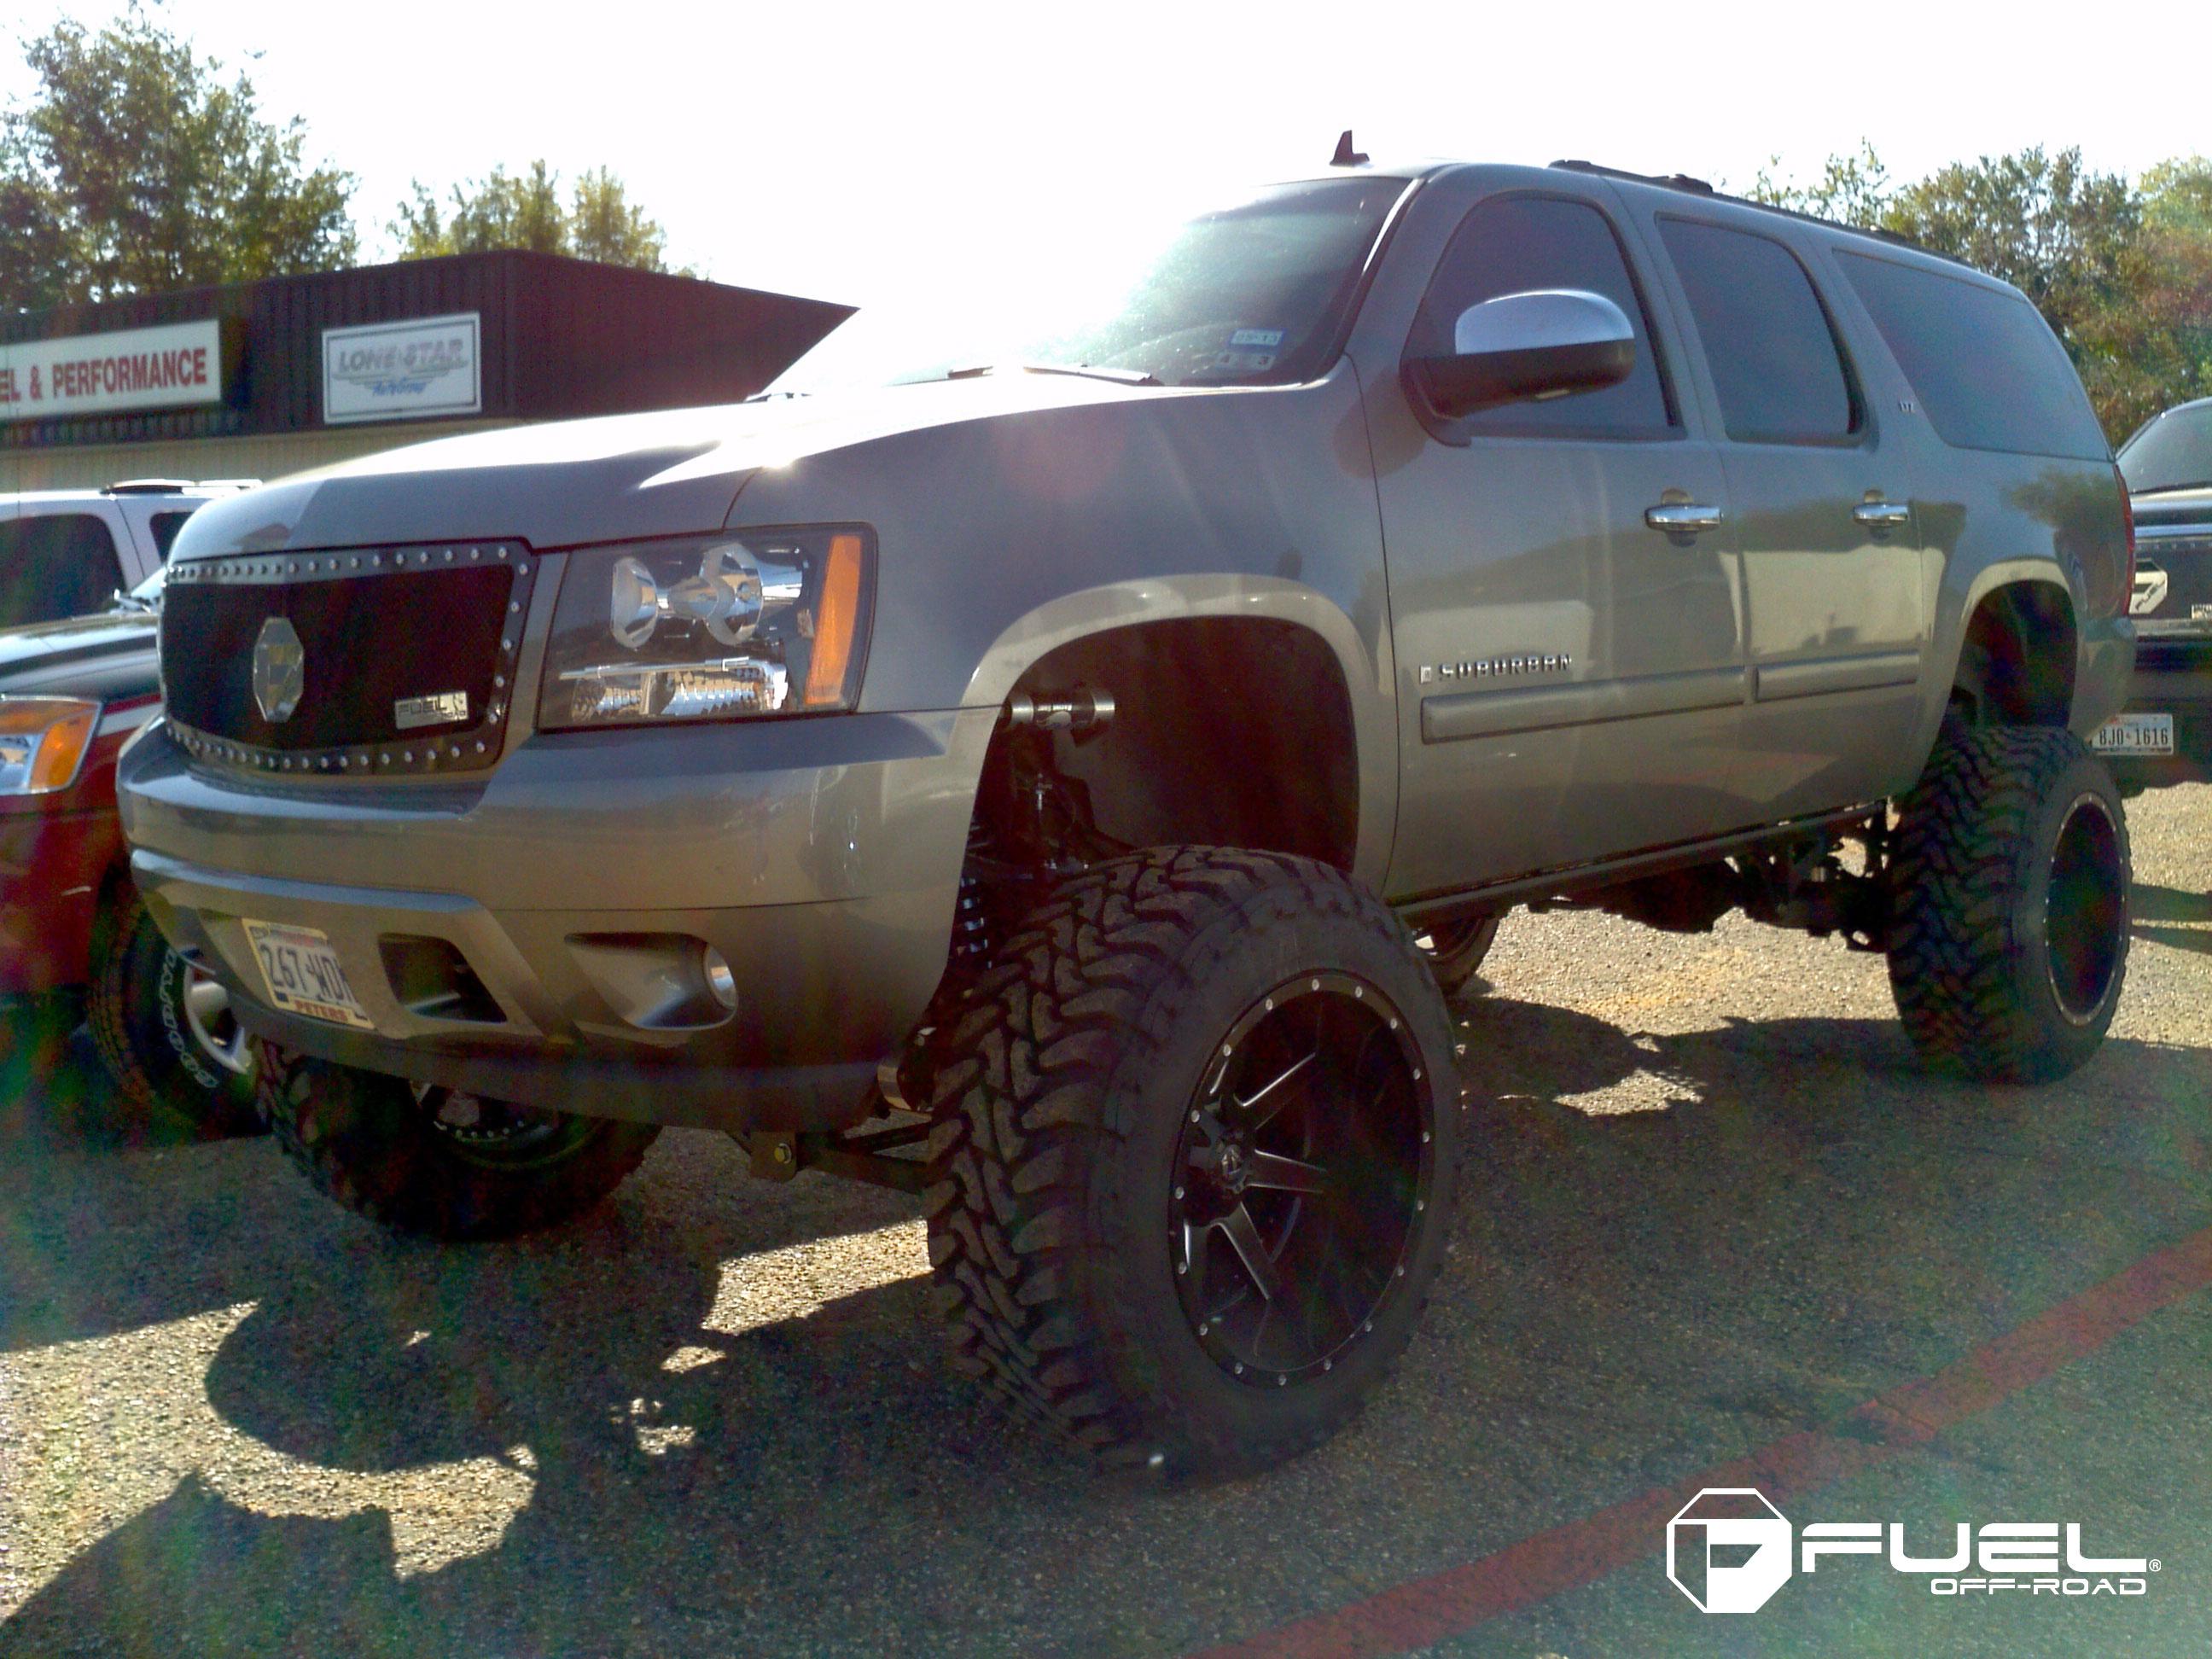 Chevrolet Suburban LTZ Maverick - D262 Gallery - Fuel Off-Road Wheels